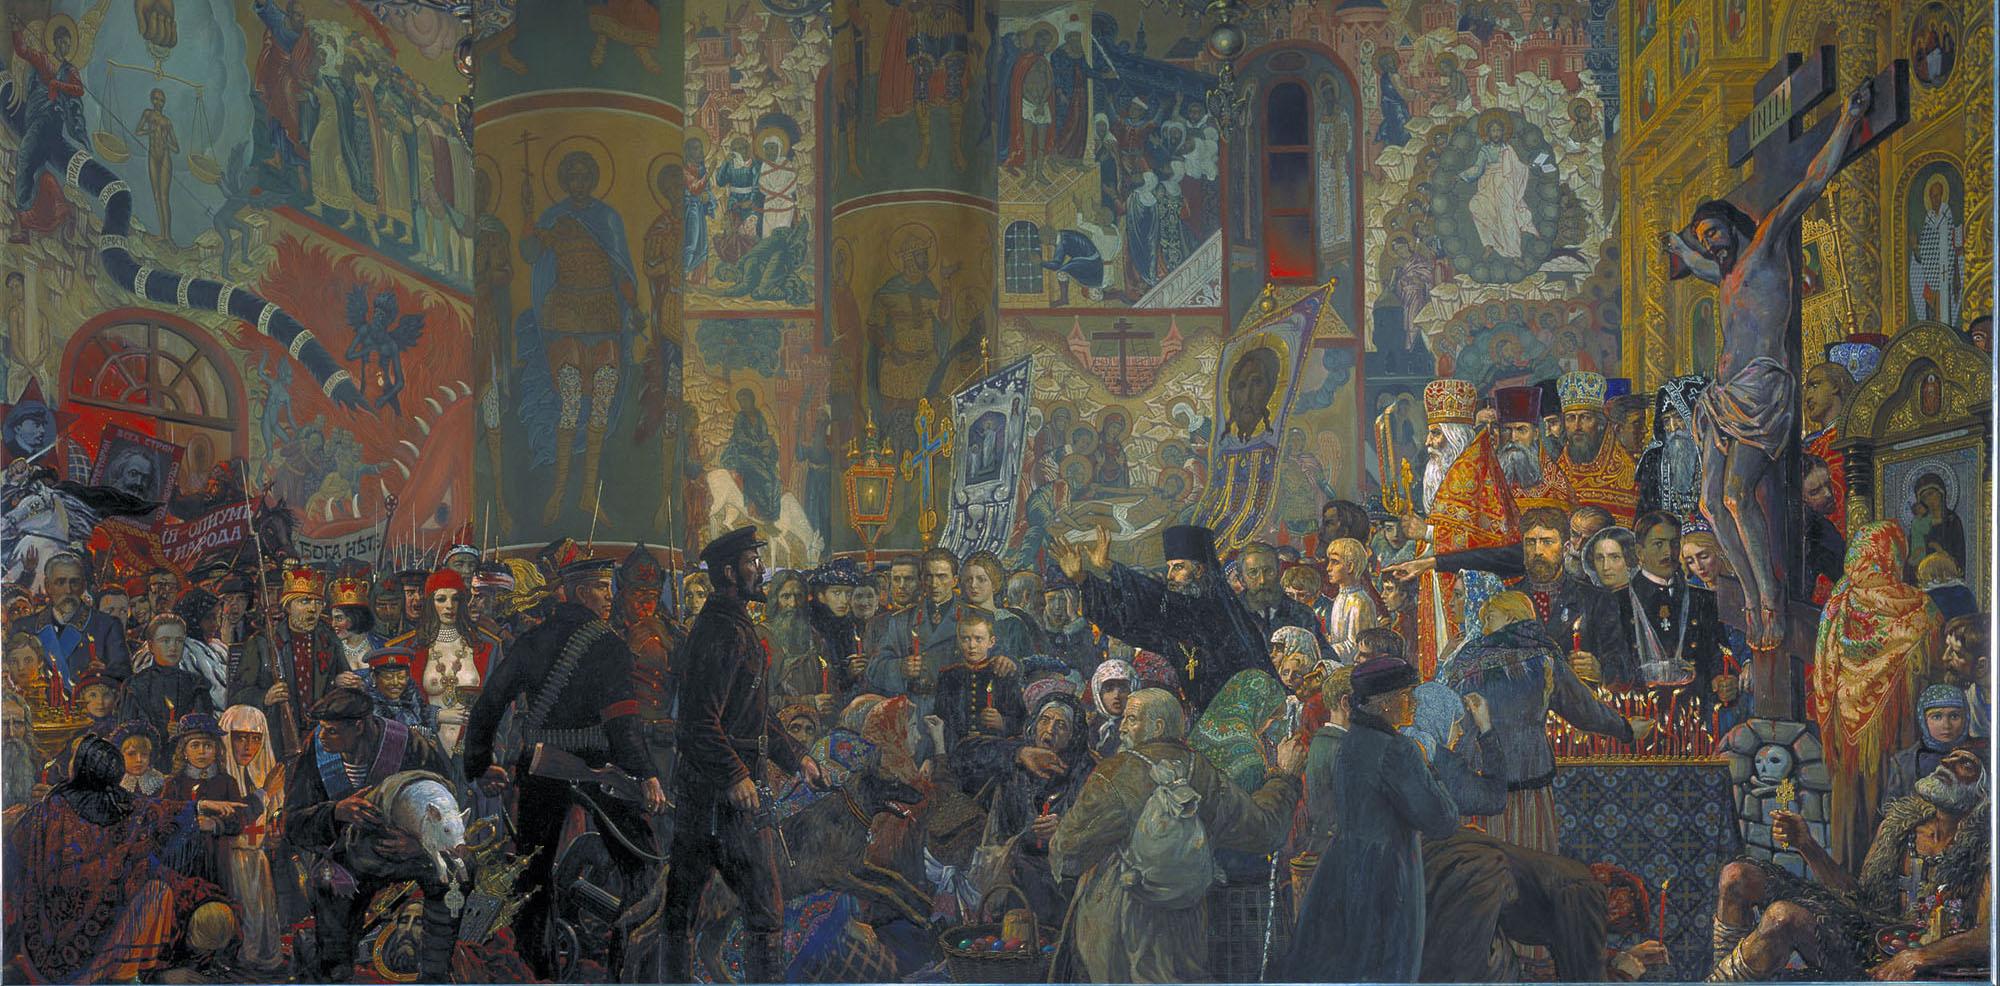 Resultado de imagen para ilya glazunov paintings